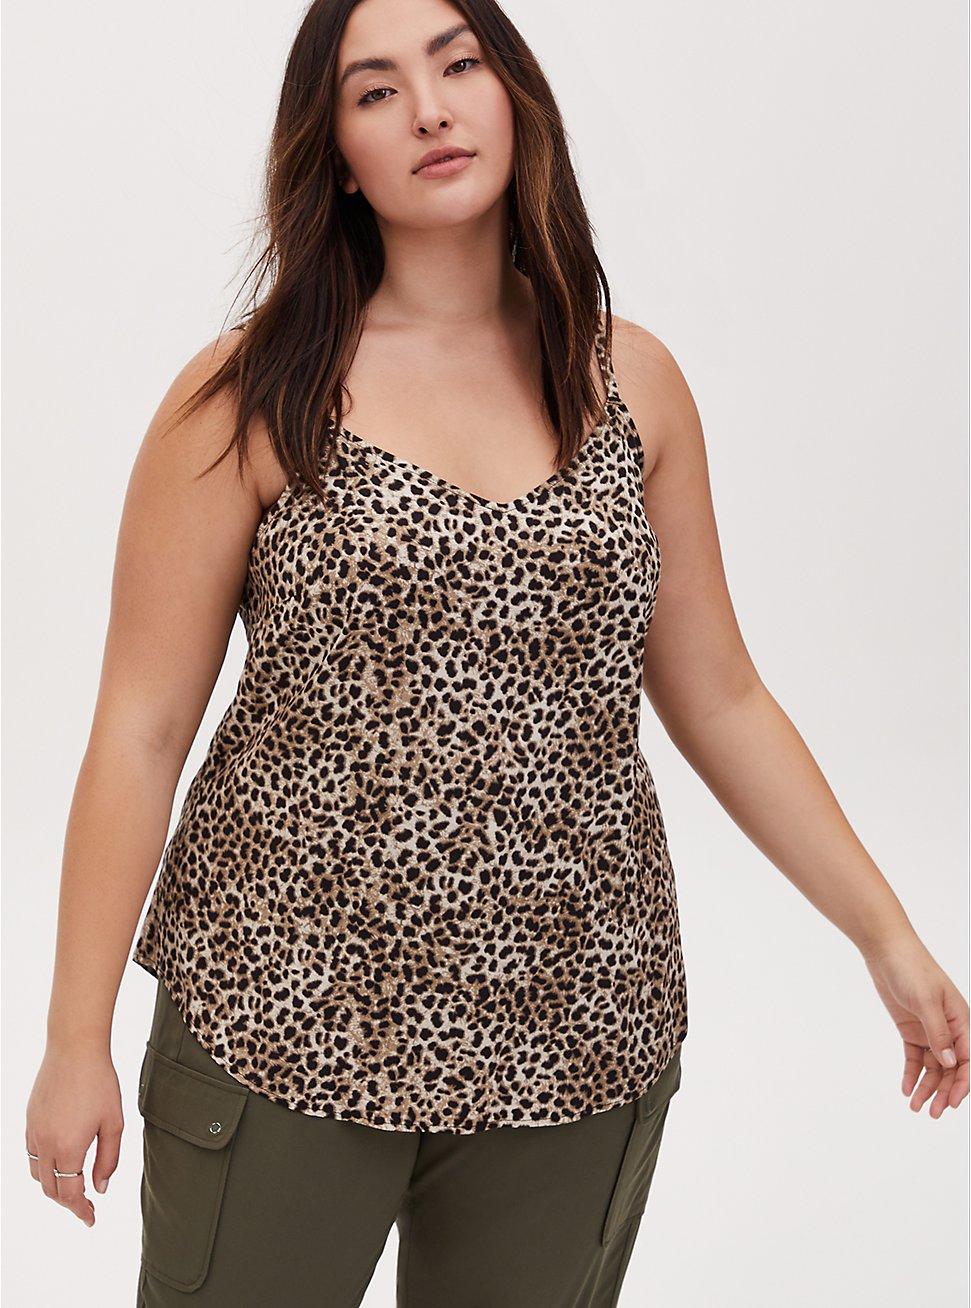 Ava - Cheetah Print Challis Cami, CHEE LEOPARD, hi-res